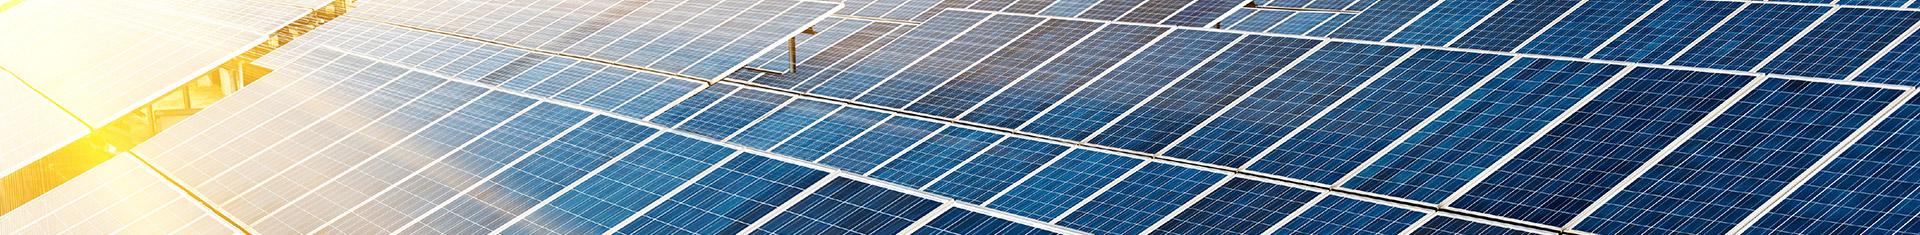 viele Reihen Solarzellen, die von der Sonne angestrahlt werden